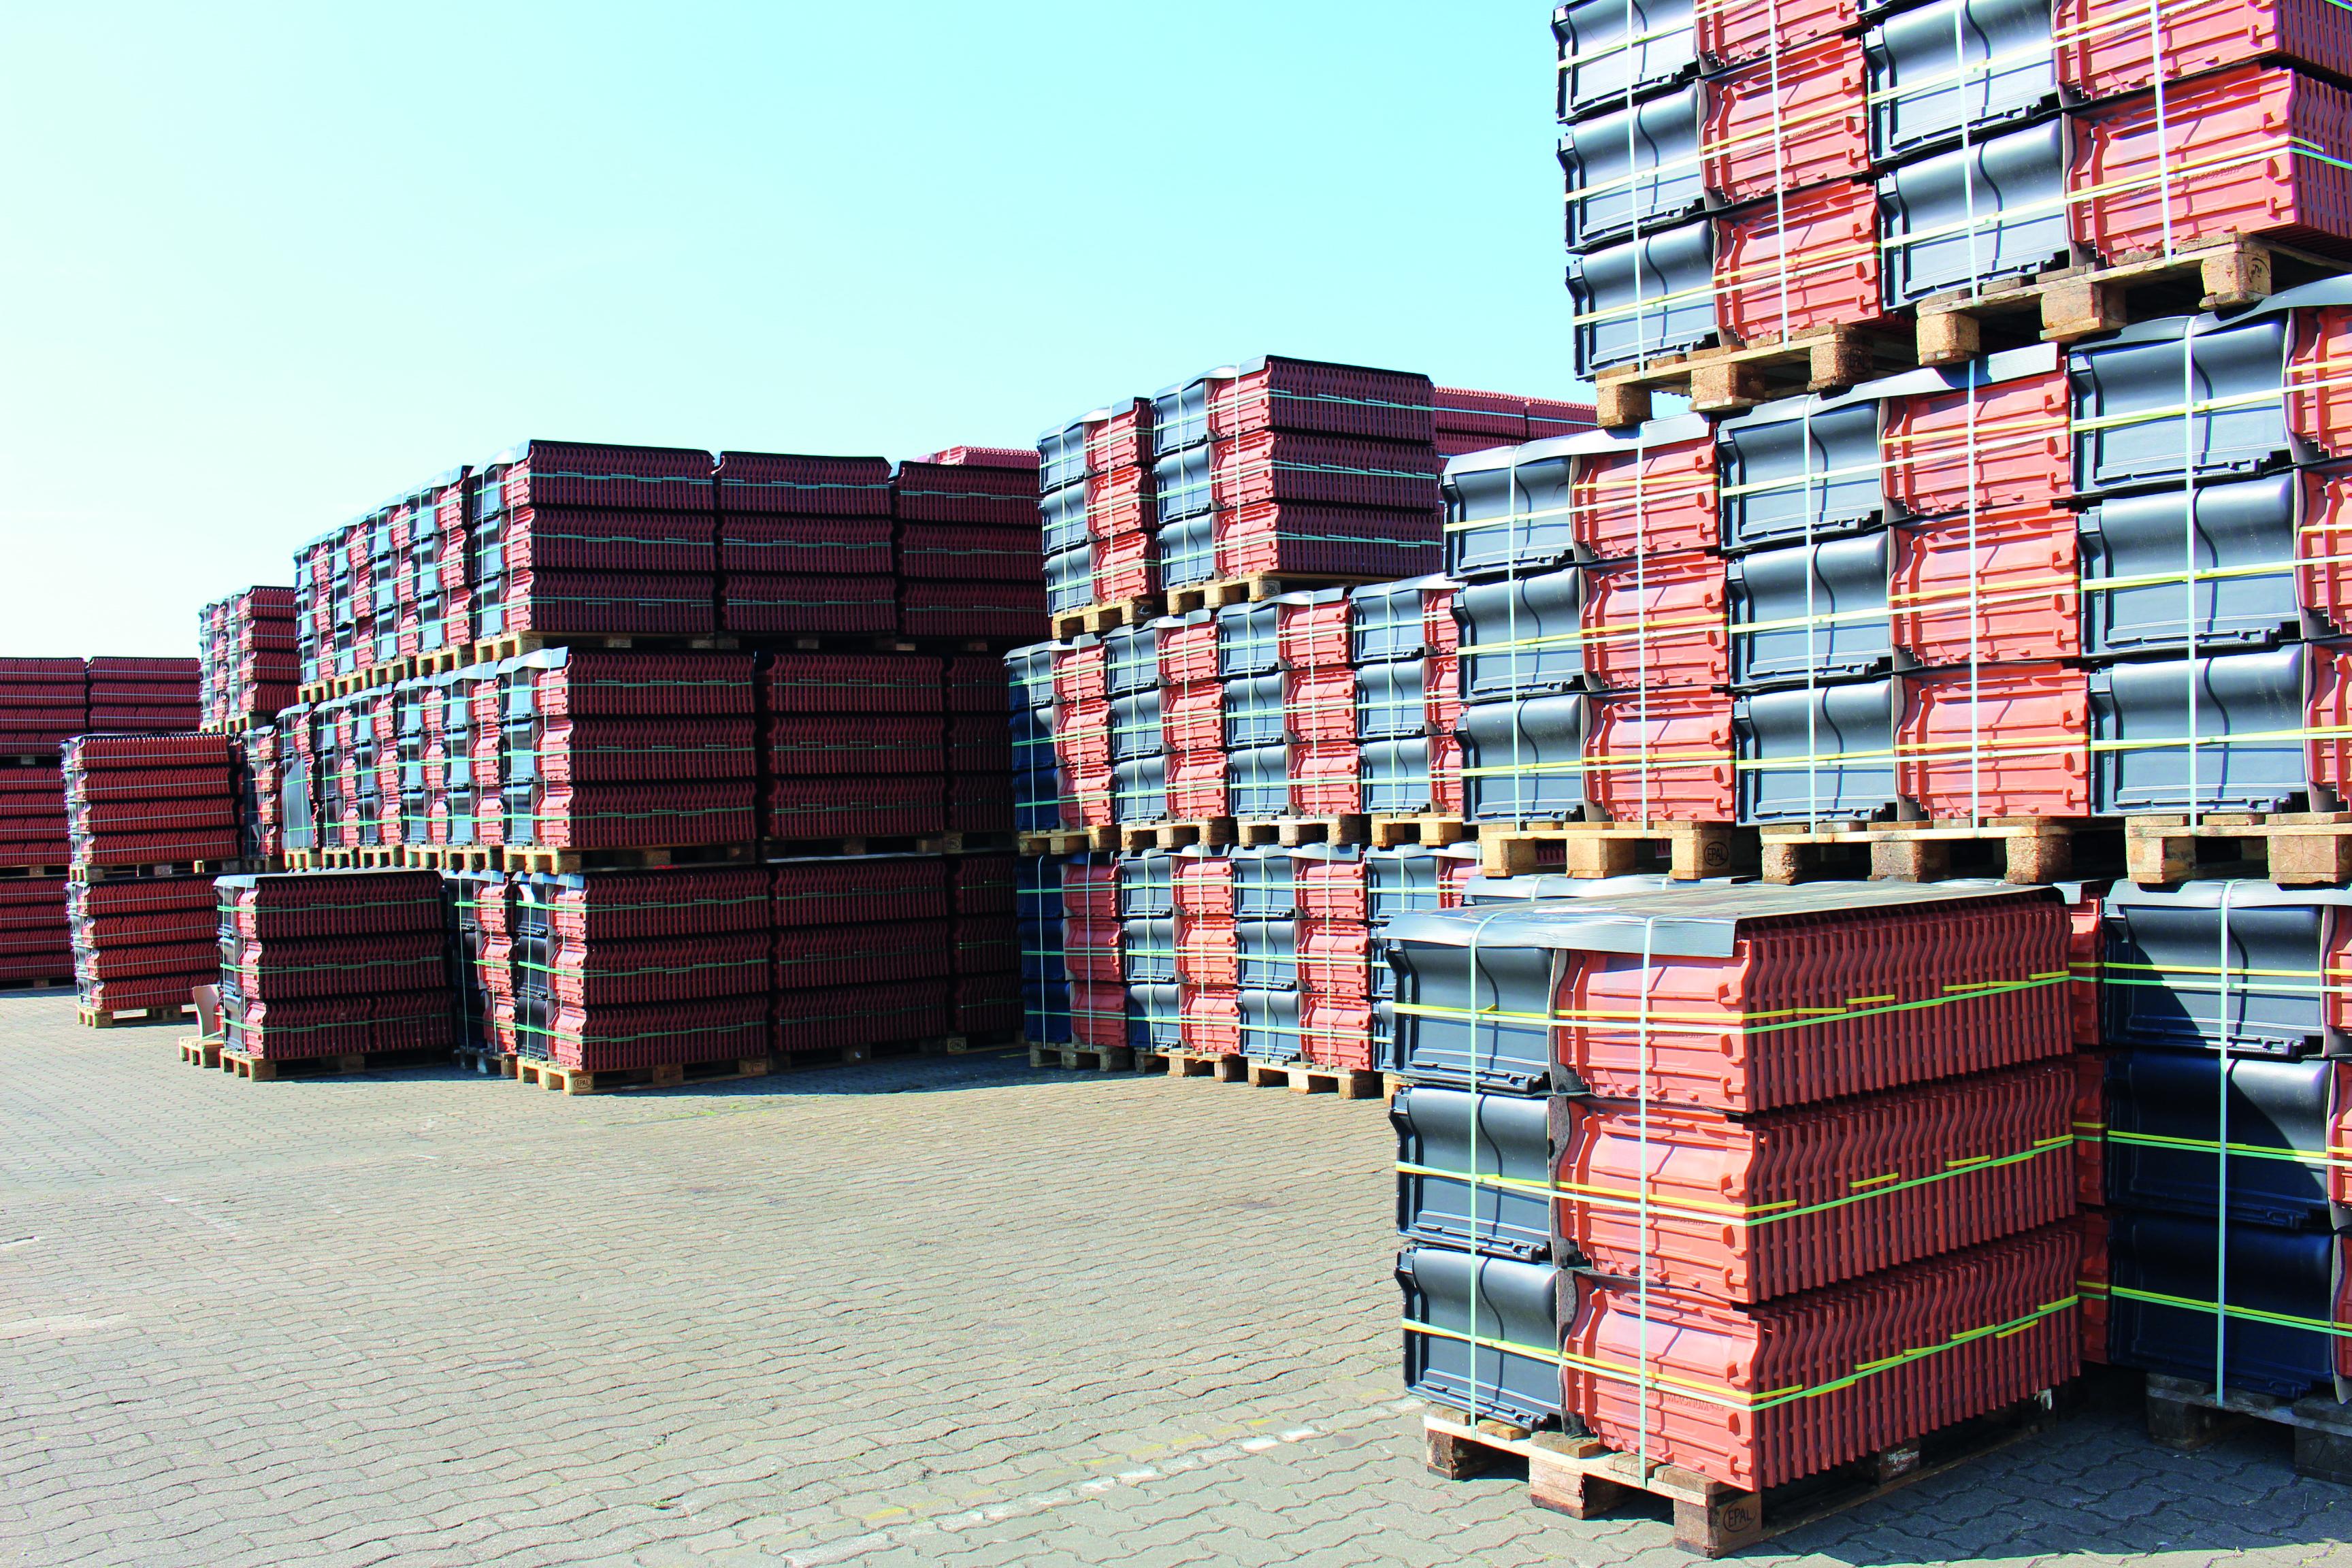 Auf dem 4.500 Quadratmeter großen Außengelände des neuen Creaton-Lagerstandorts befinden sich neben Blockstellplätzen auch ein Wareneingangsbereich sowie eine Bereitstellungsfläche für kommissionierte Ware. (Foto: Creaton GmbH)